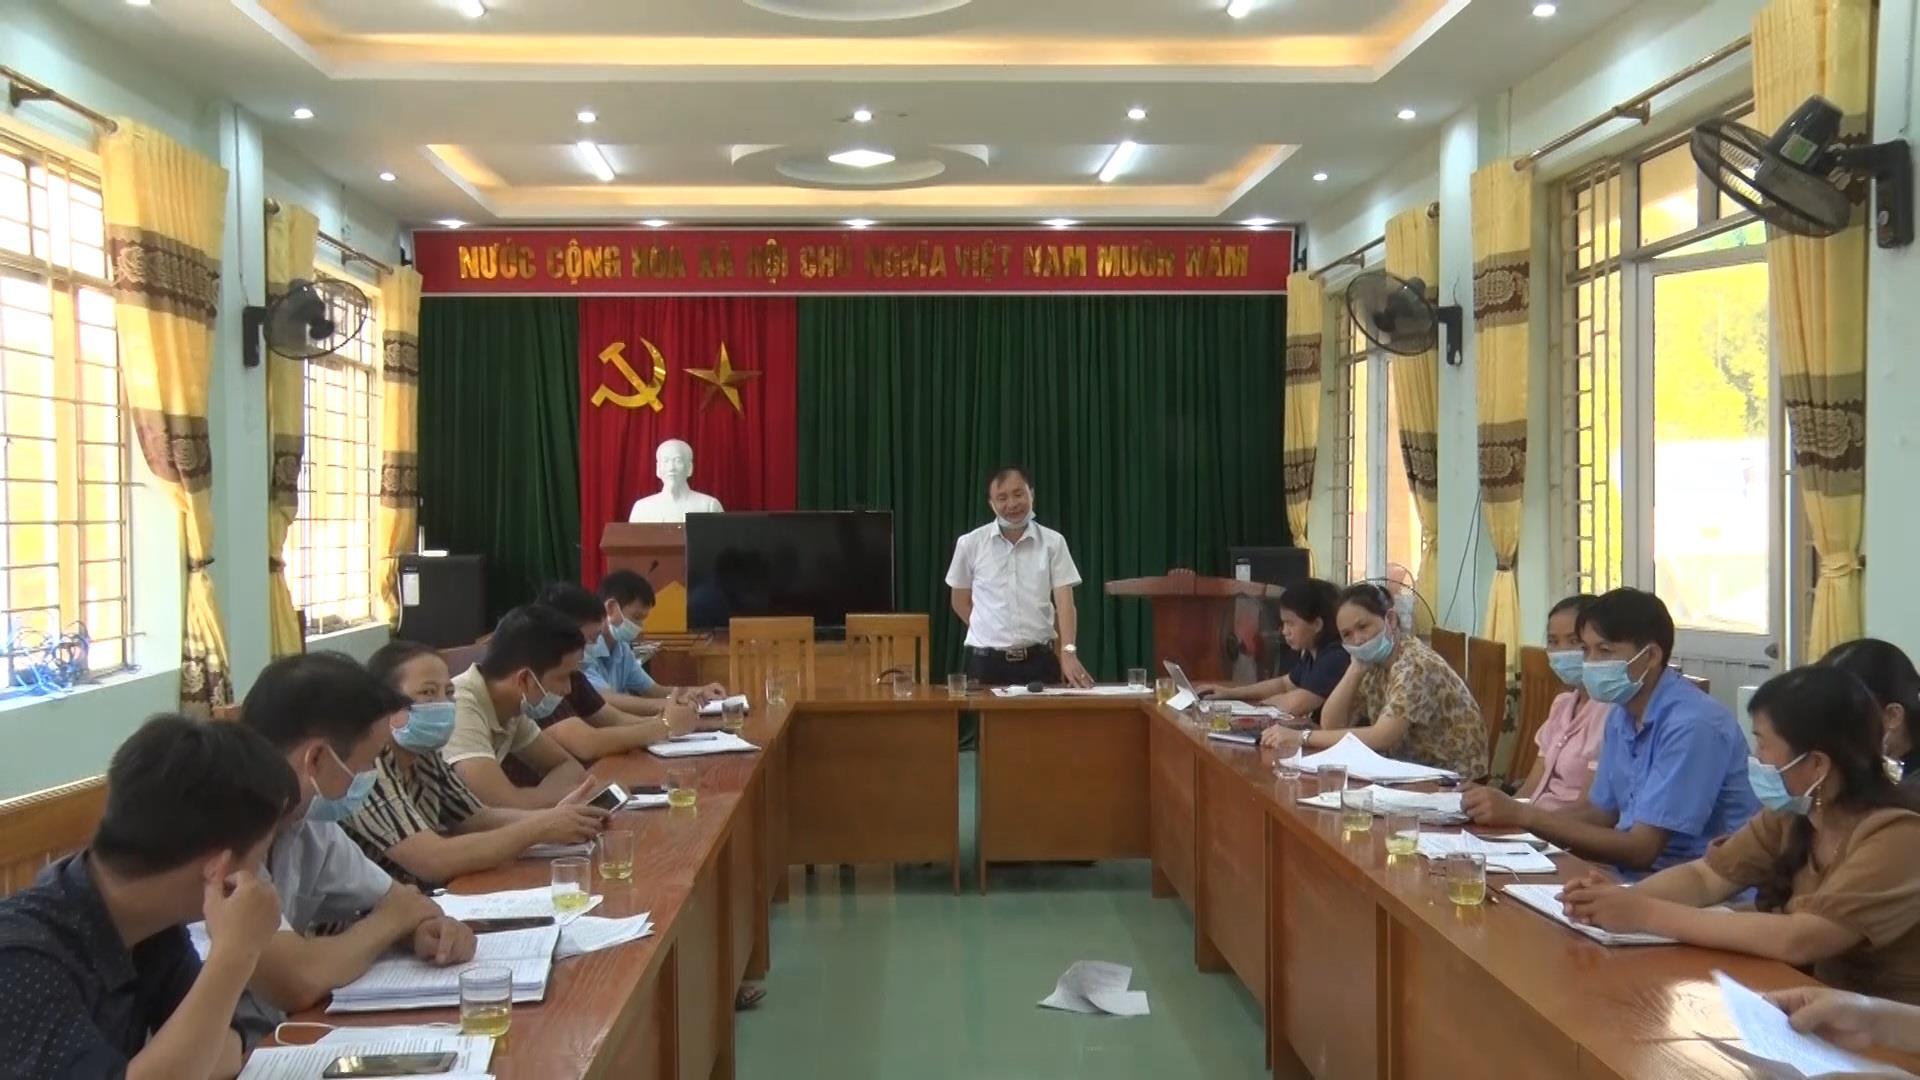 UBND huyện Hà Quảng làm việc với xã Lương Can về hỗ trợ di chuyển chuồng trại gia súc ra khỏi gầm sàn nhà ở